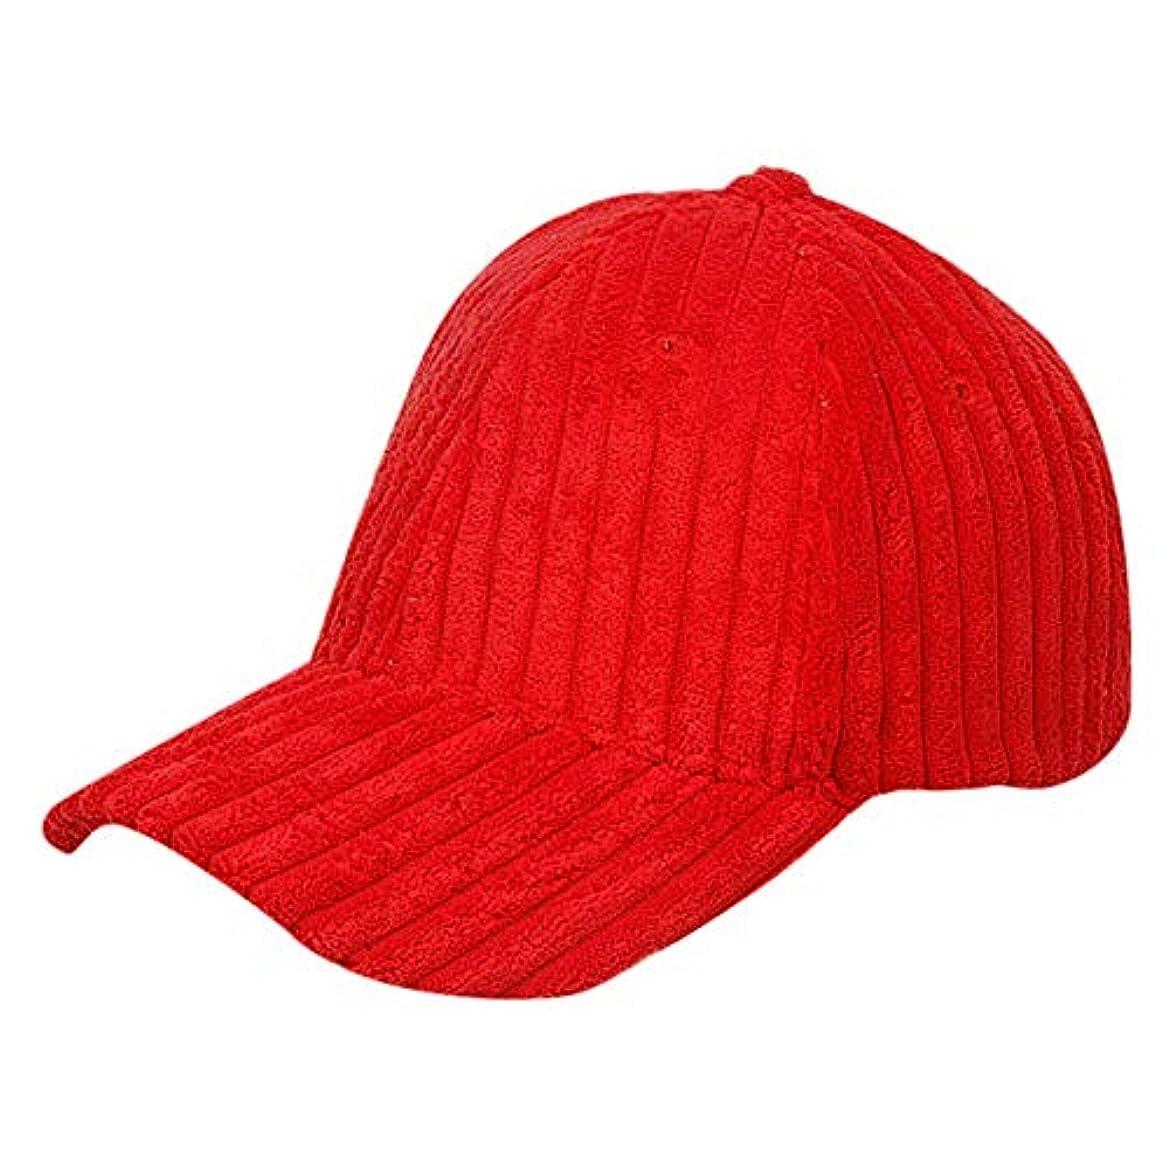 質量集まる多年生Racazing Cap コーデュロイ 野球帽 迷彩 冬 登山 通気性のある メッシュ 帽子 ベルクロ 可調整可能 ストライプ 刺繍 棒球帽 UV 帽子 軽量 屋外 Unisex Hat (赤)